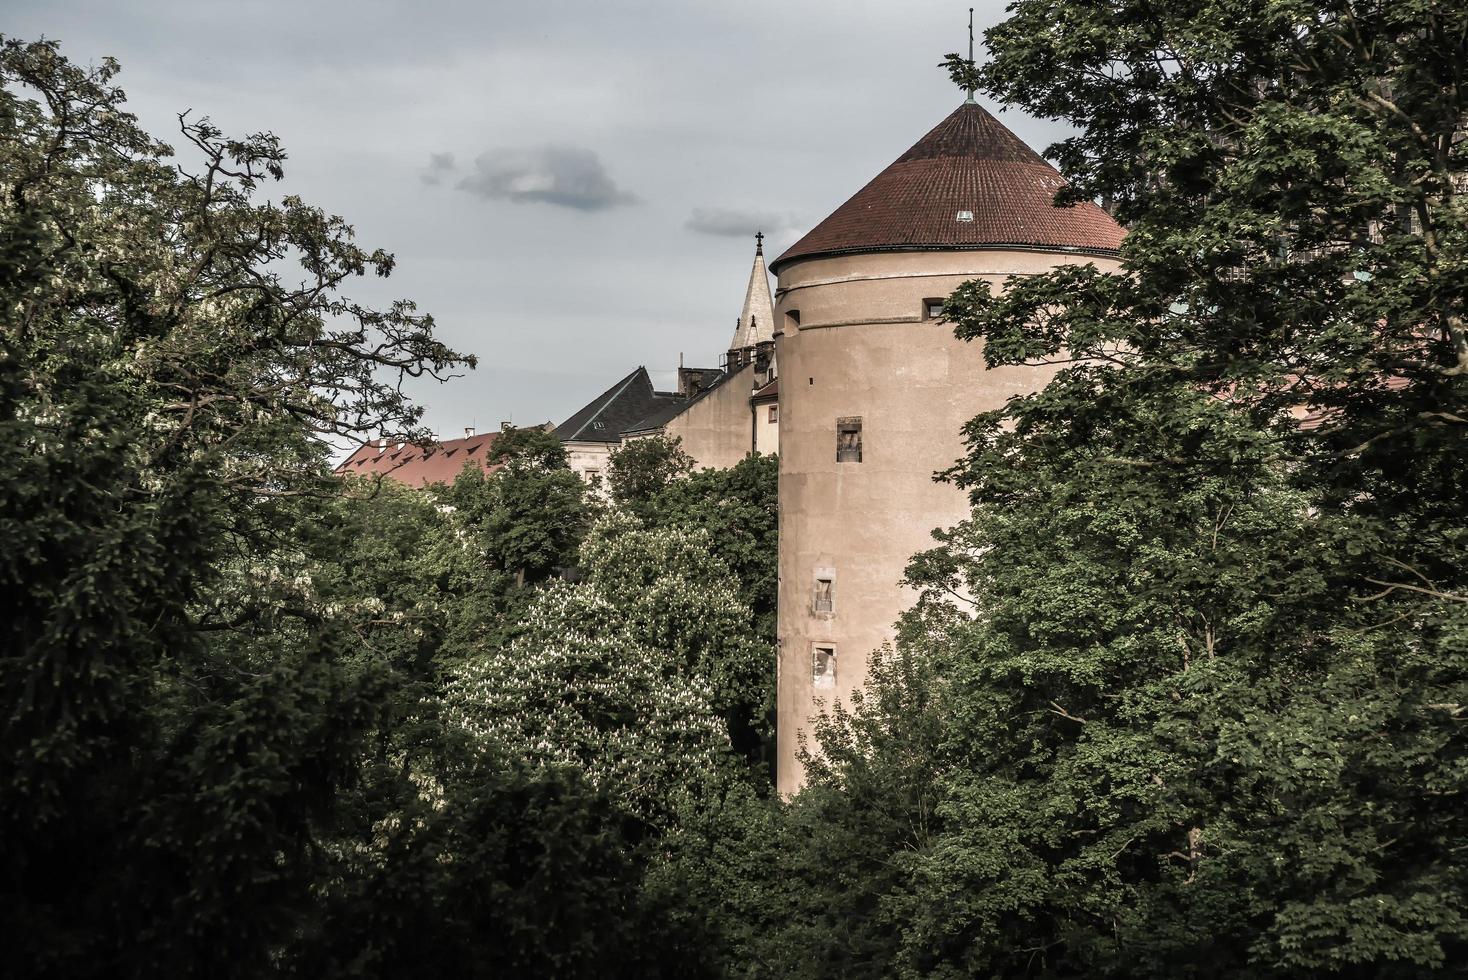 tsjechië 2017 - mihulka - kruittoren bij het kasteel van Praag foto